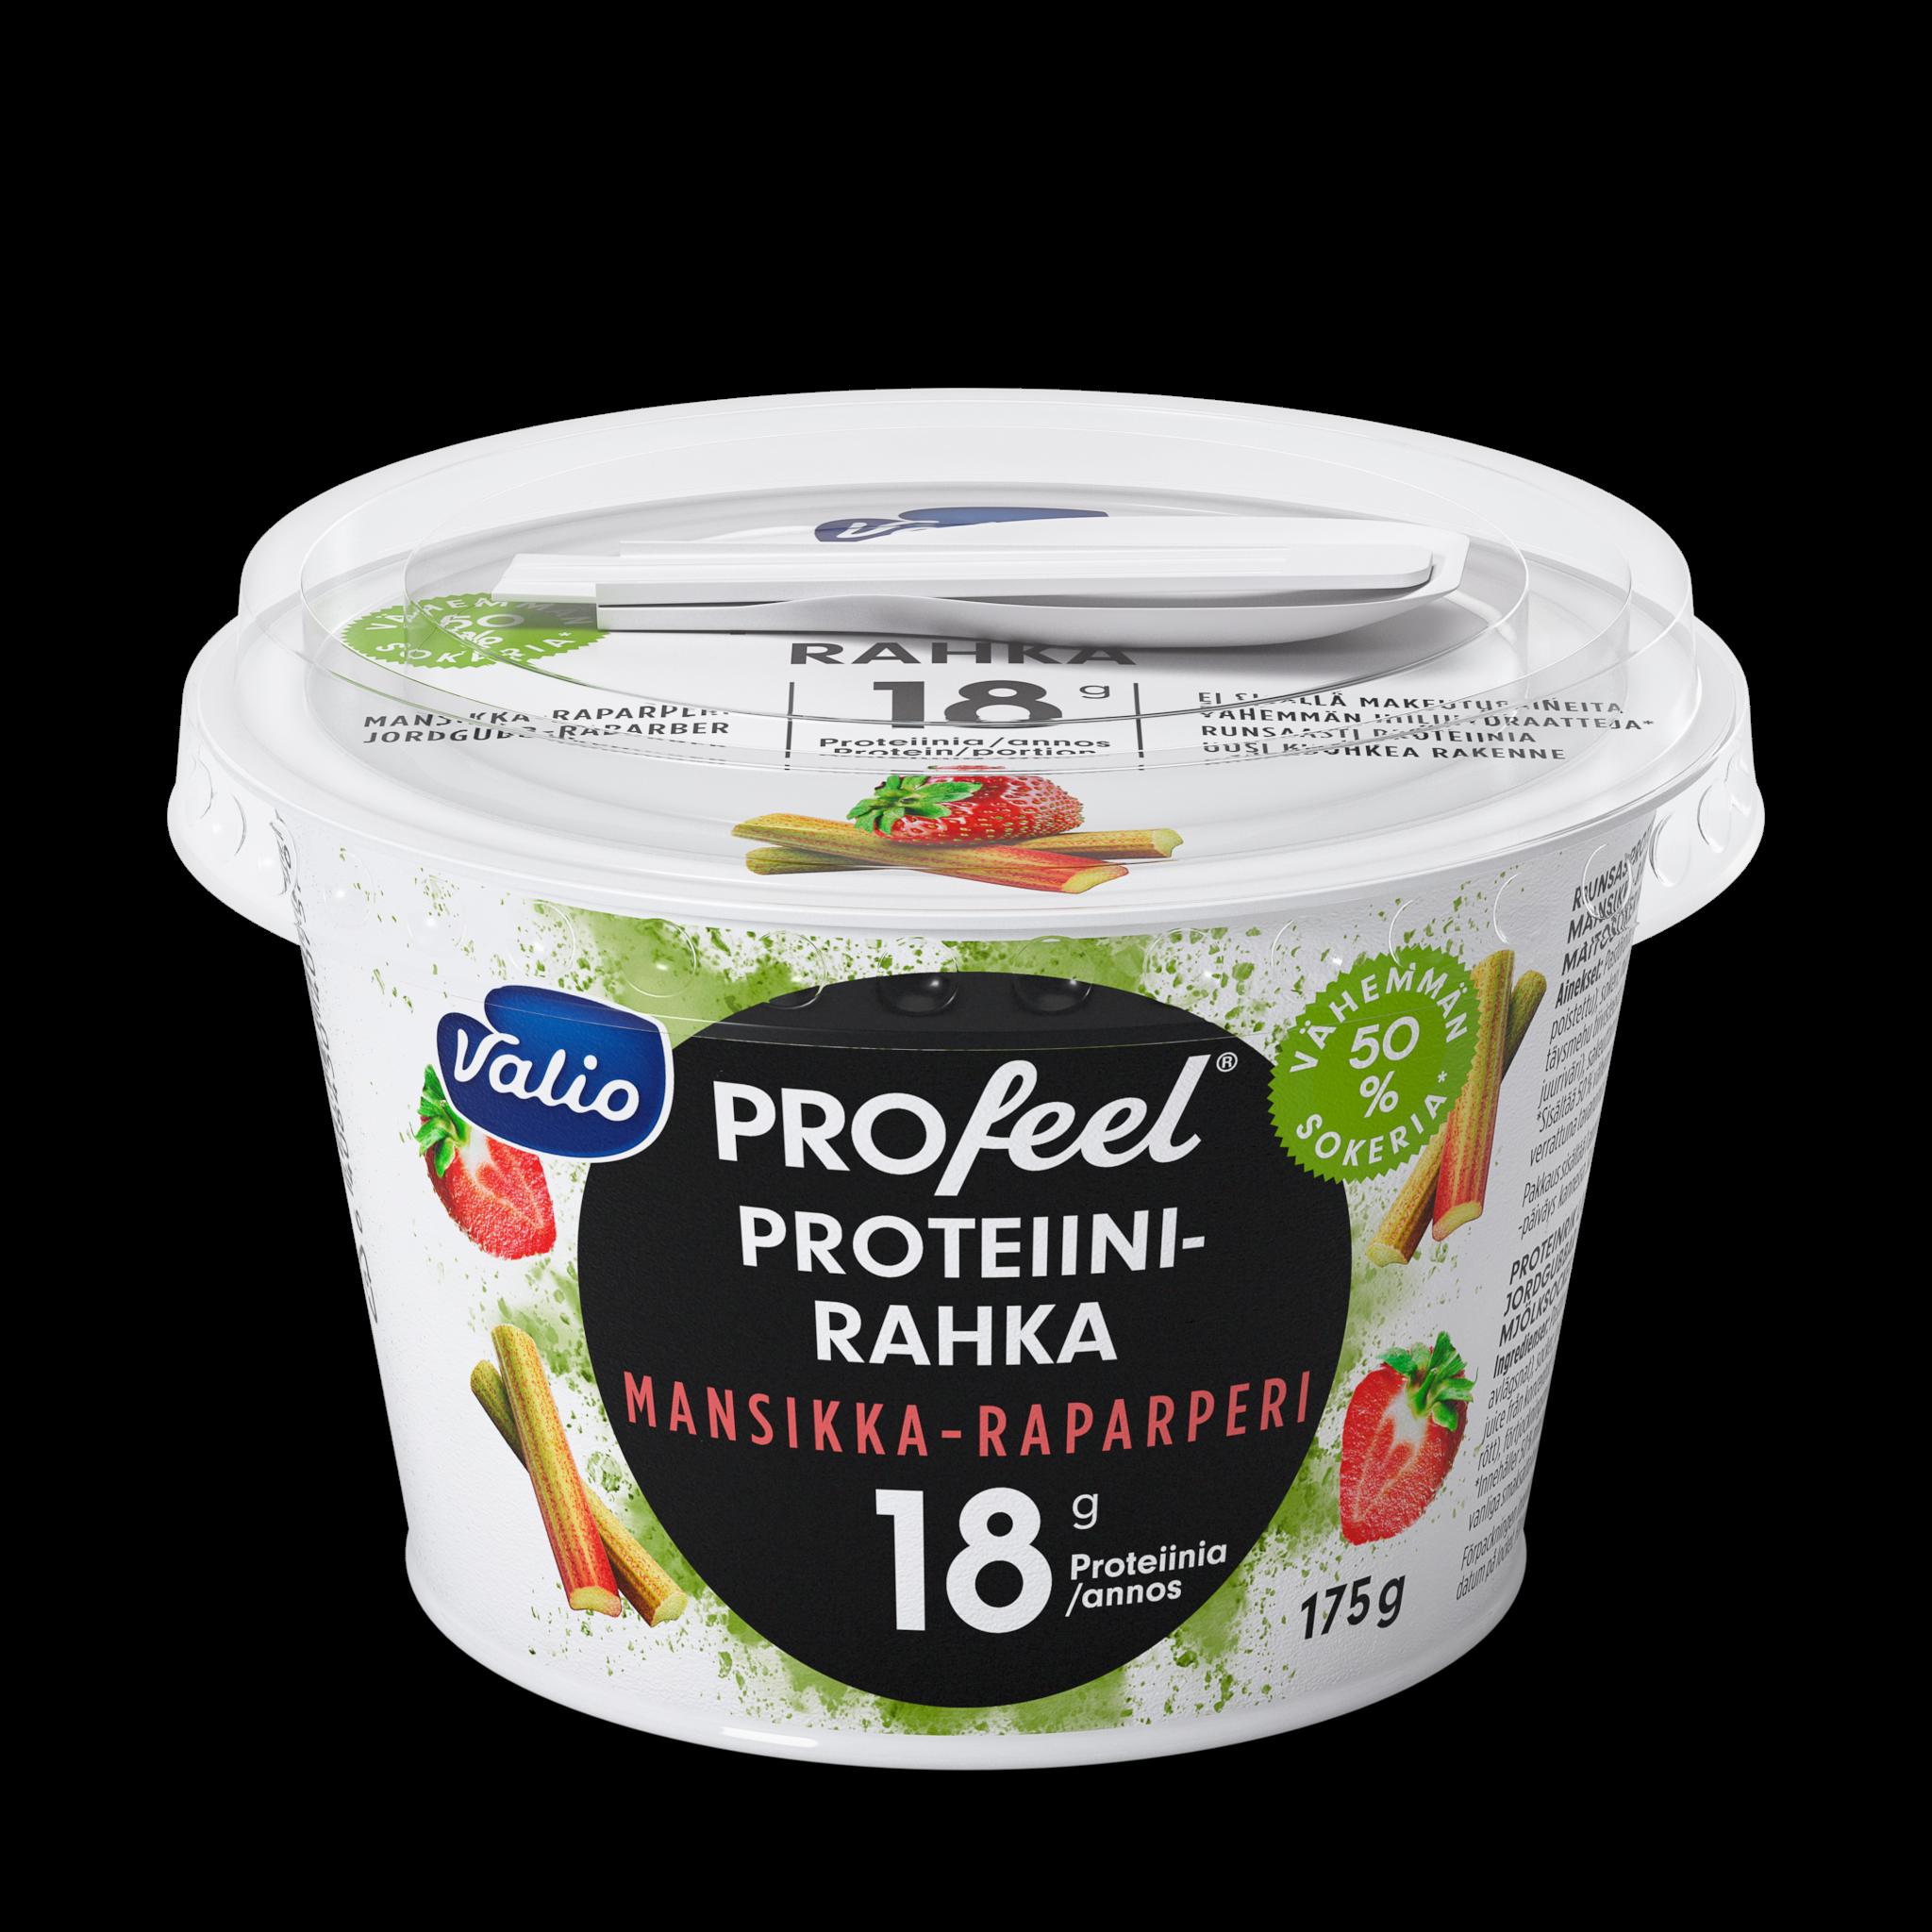 Valio PROfeel® proteiinirahka mansikka-raparperi